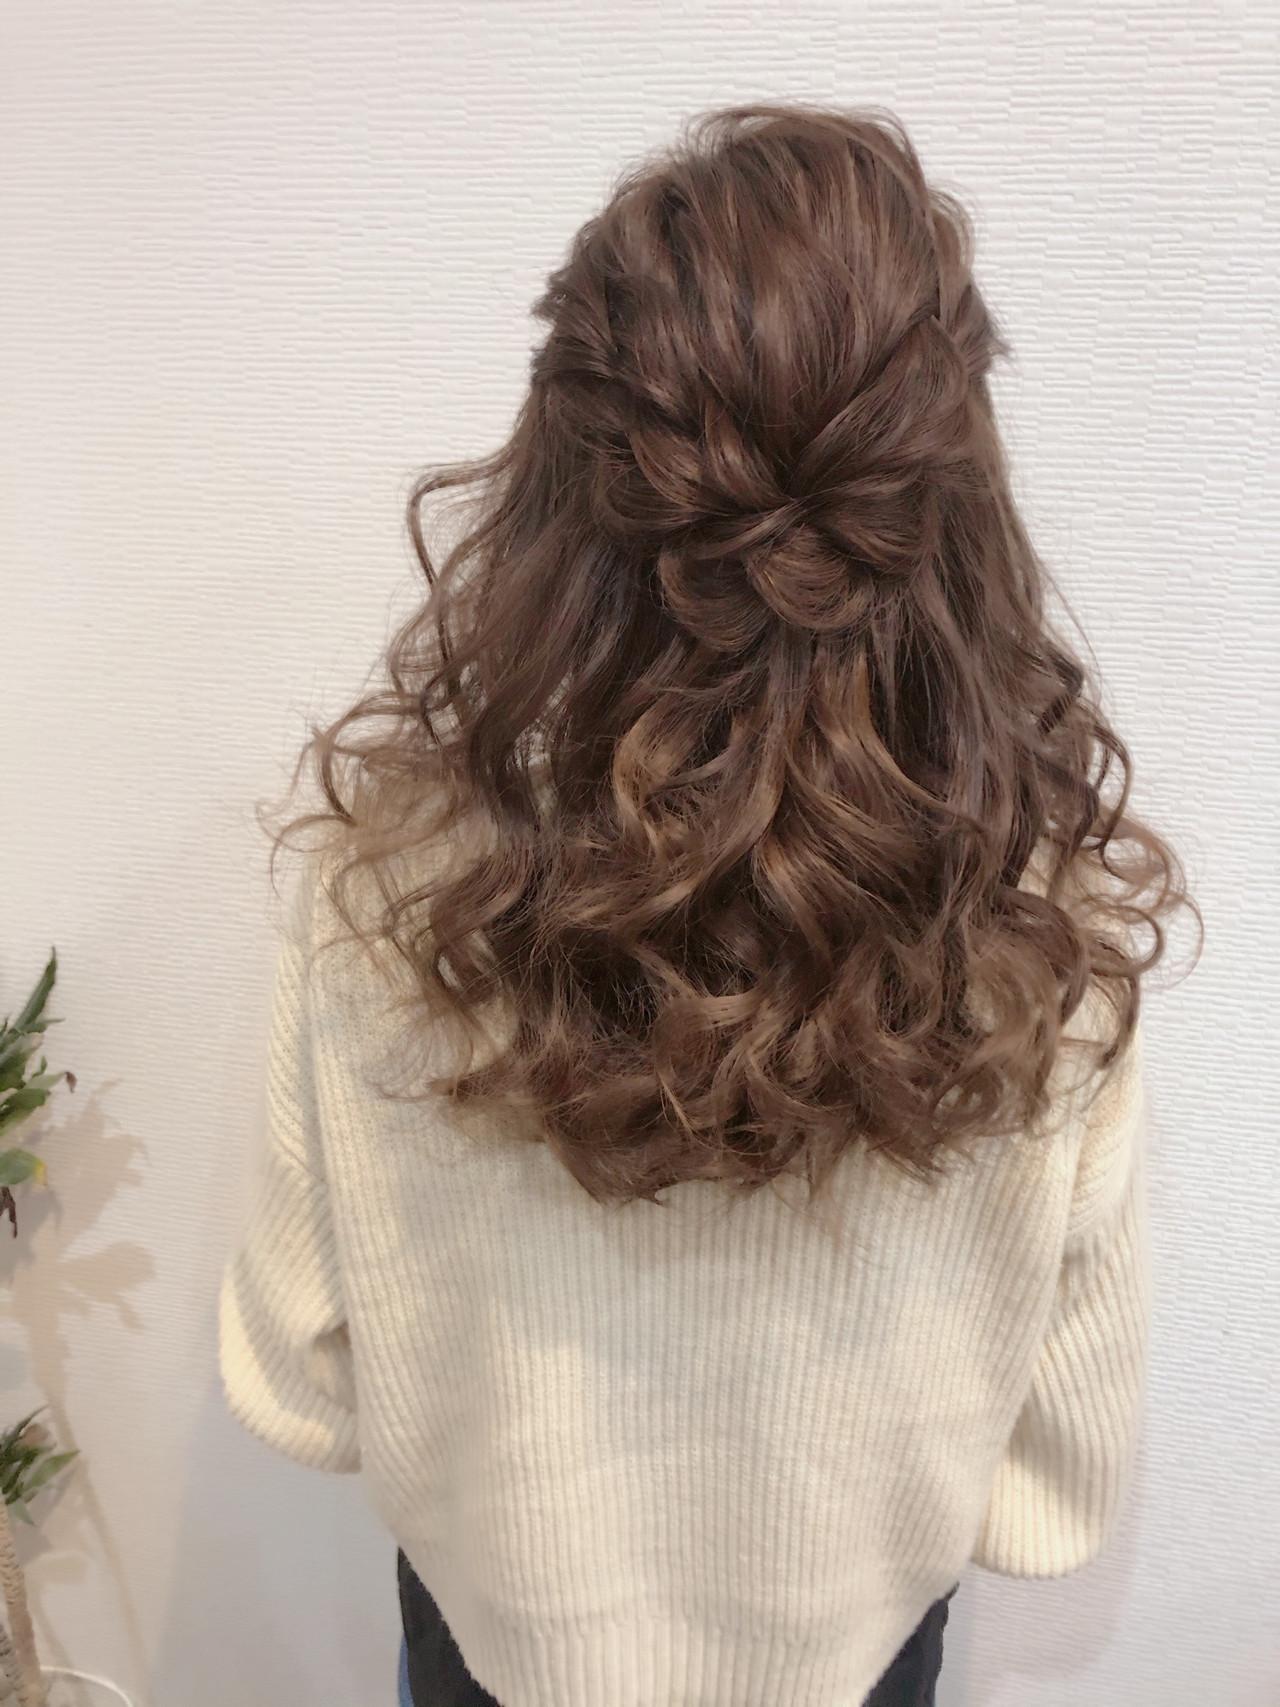 編み込み ヘアアレンジ ねじり ハーフアップ ヘアスタイルや髪型の写真・画像